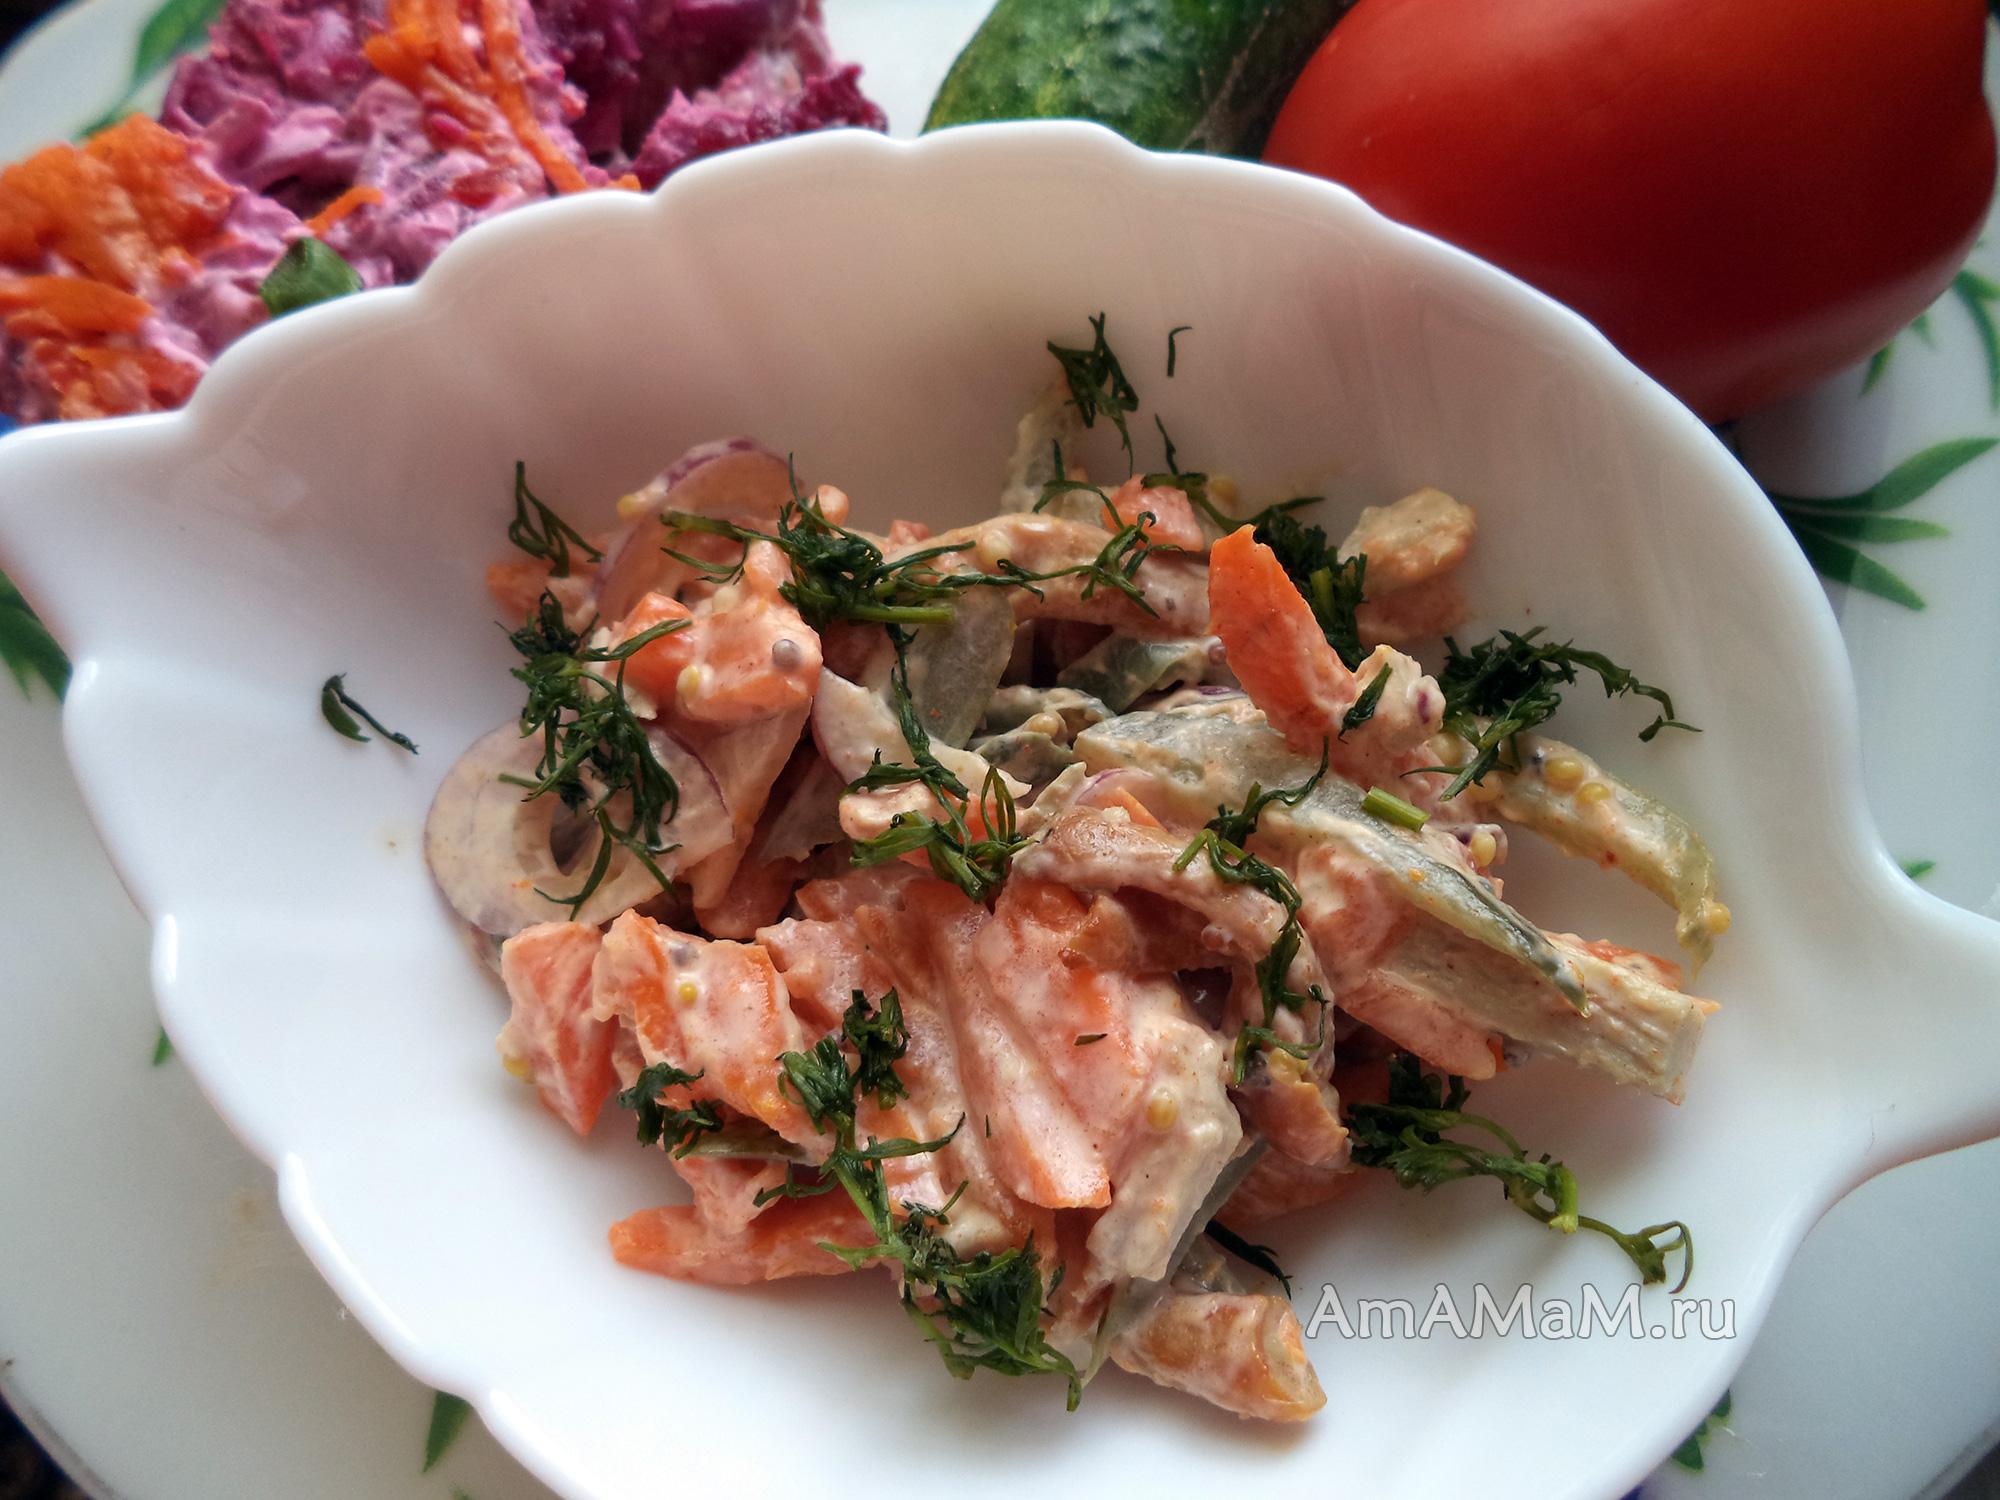 Салат свинина огурцы маринованные #7